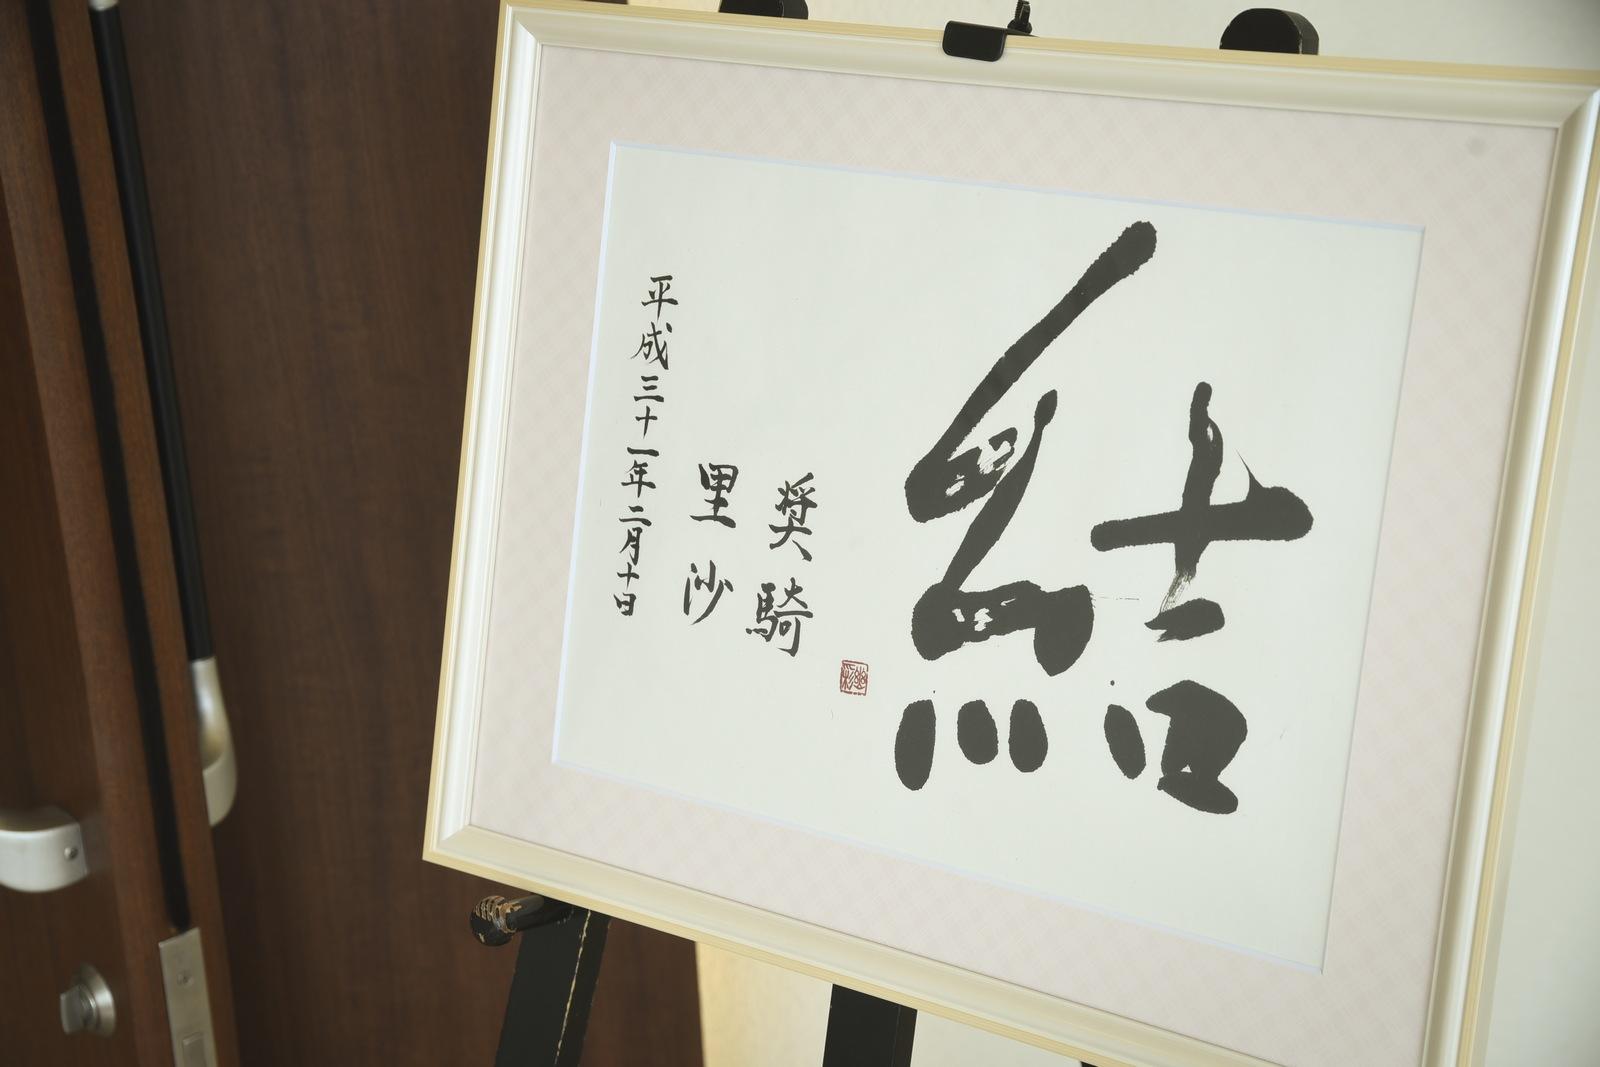 徳島市の結婚式場ブランアンジュで受付ロビーで新郎新婦様からのおもてなし